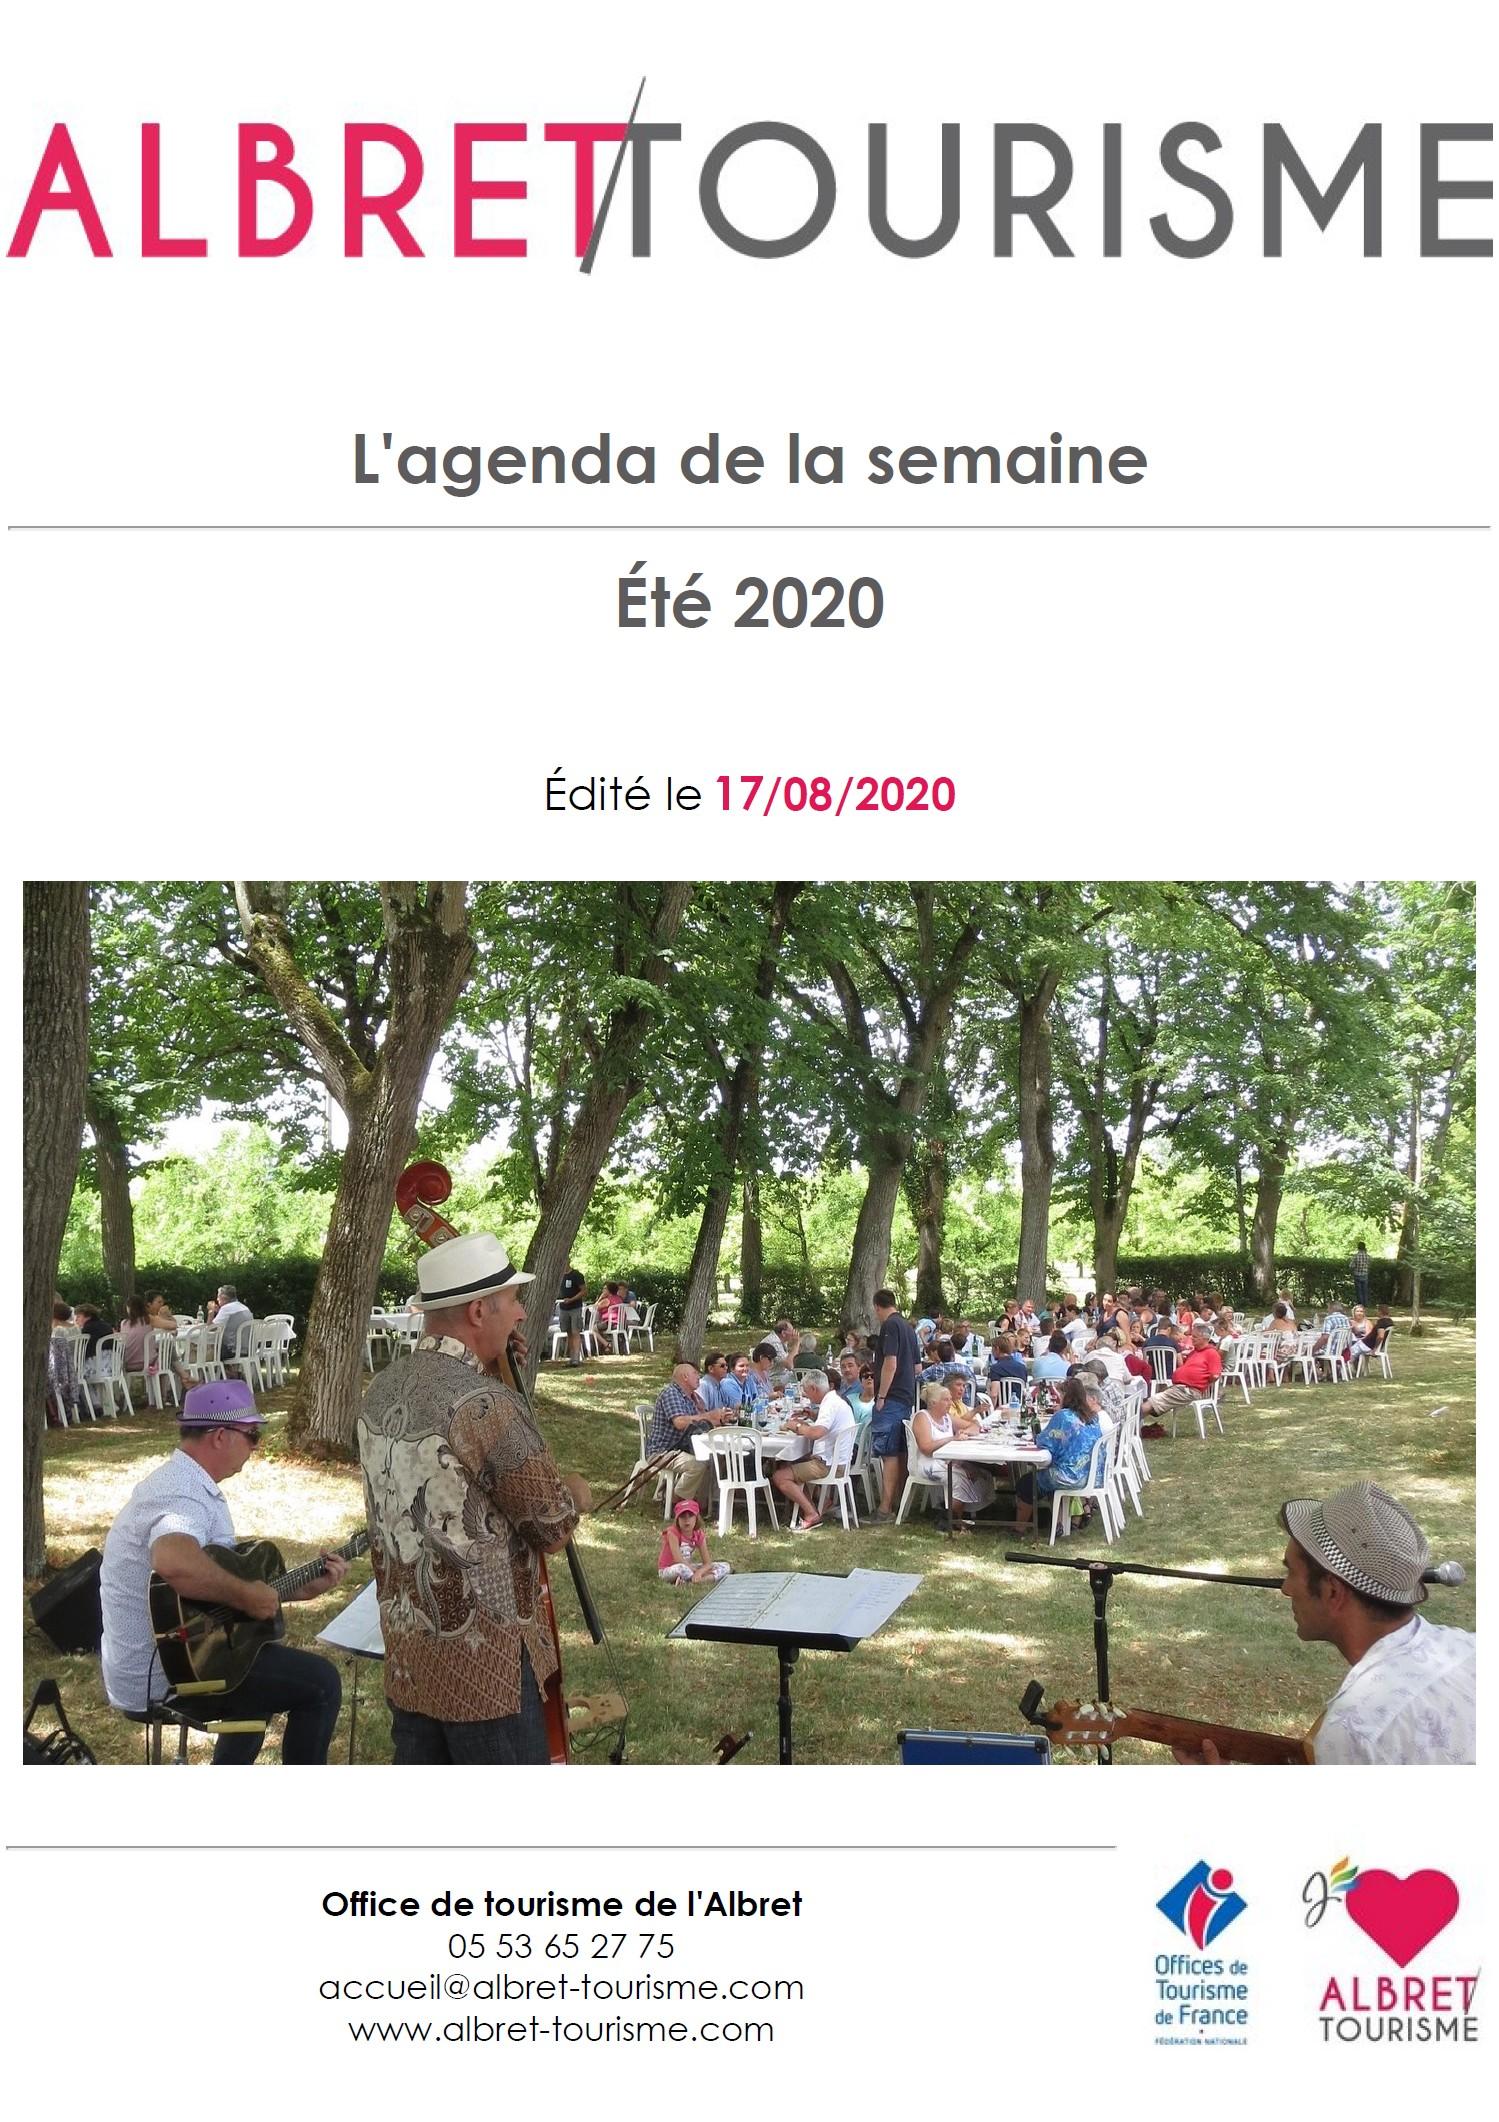 Agenda Albret Tourisme semaine 17 aout